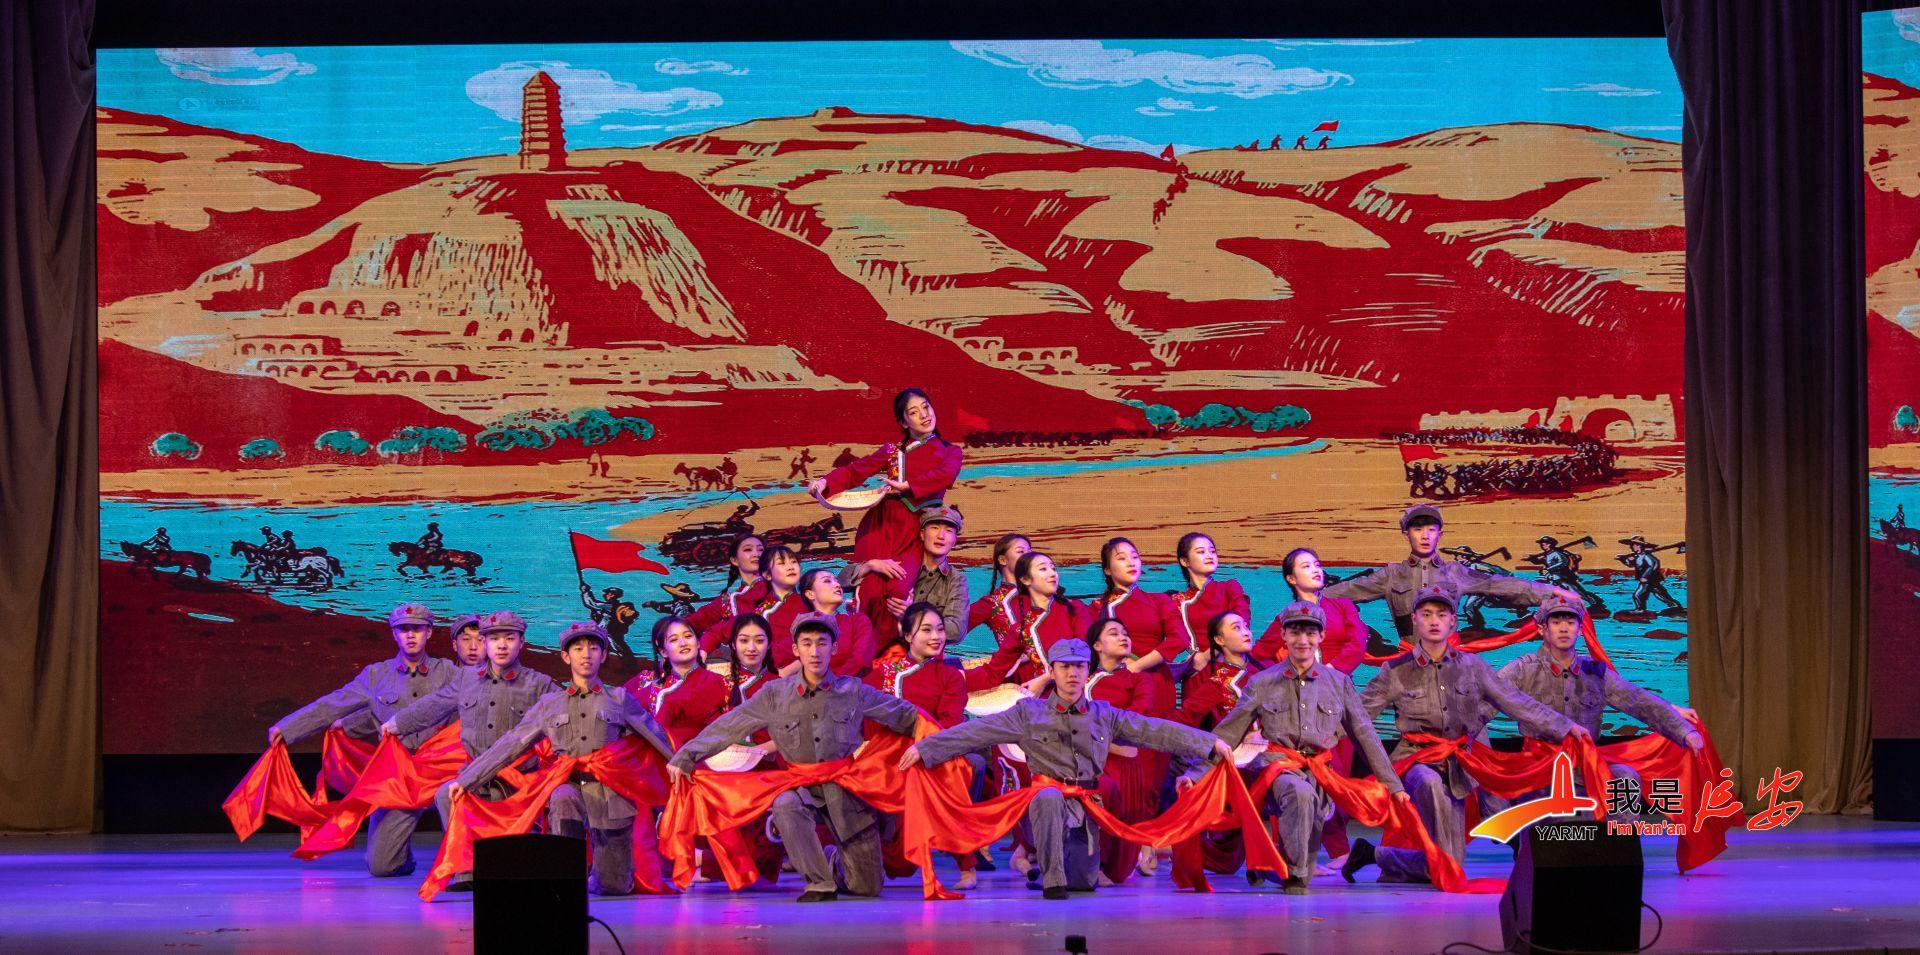 延安大学原创音乐舞蹈史诗《延安》首